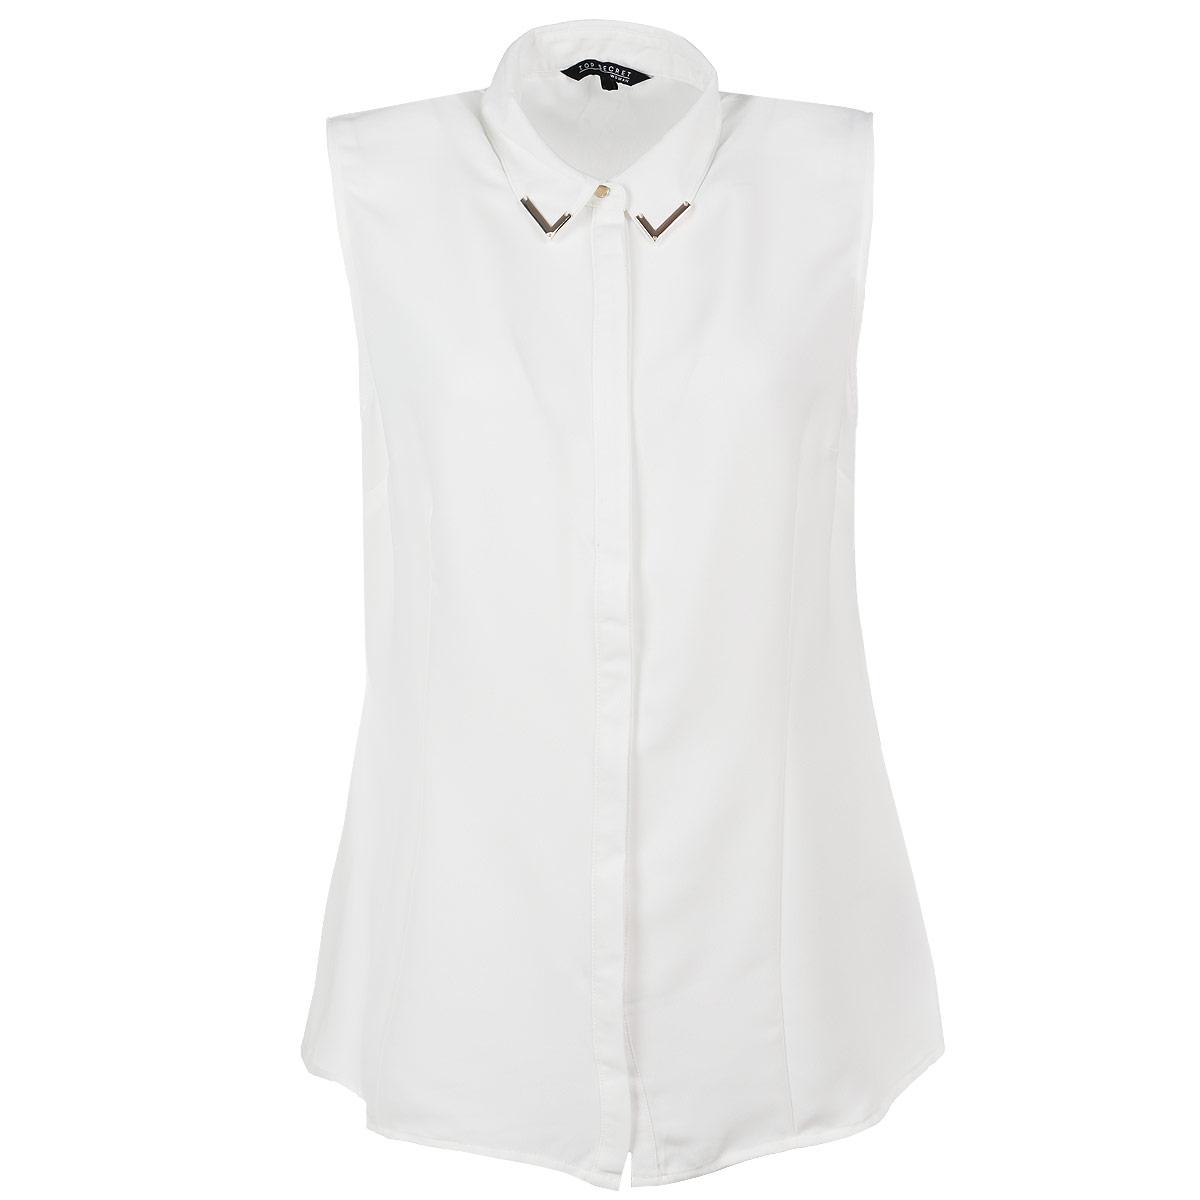 SKE0007BIСтильная женская блуза Top Secret, выполненная из высококачественного материала, обладает высокой теплопроводностью, воздухопроницаемостью и гигроскопичностью, позволяет коже дышать, тем самым обеспечивая наибольший комфорт при носке. Блуза прямого кроя без рукавов, с отложным воротником застегивается на пуговицы. Уголки отложного воротника дополнены декоративными металлическими накладками. Такая блузка будет дарить вам комфорт в течение всего дня и послужит замечательным дополнением к вашему гардеробу.